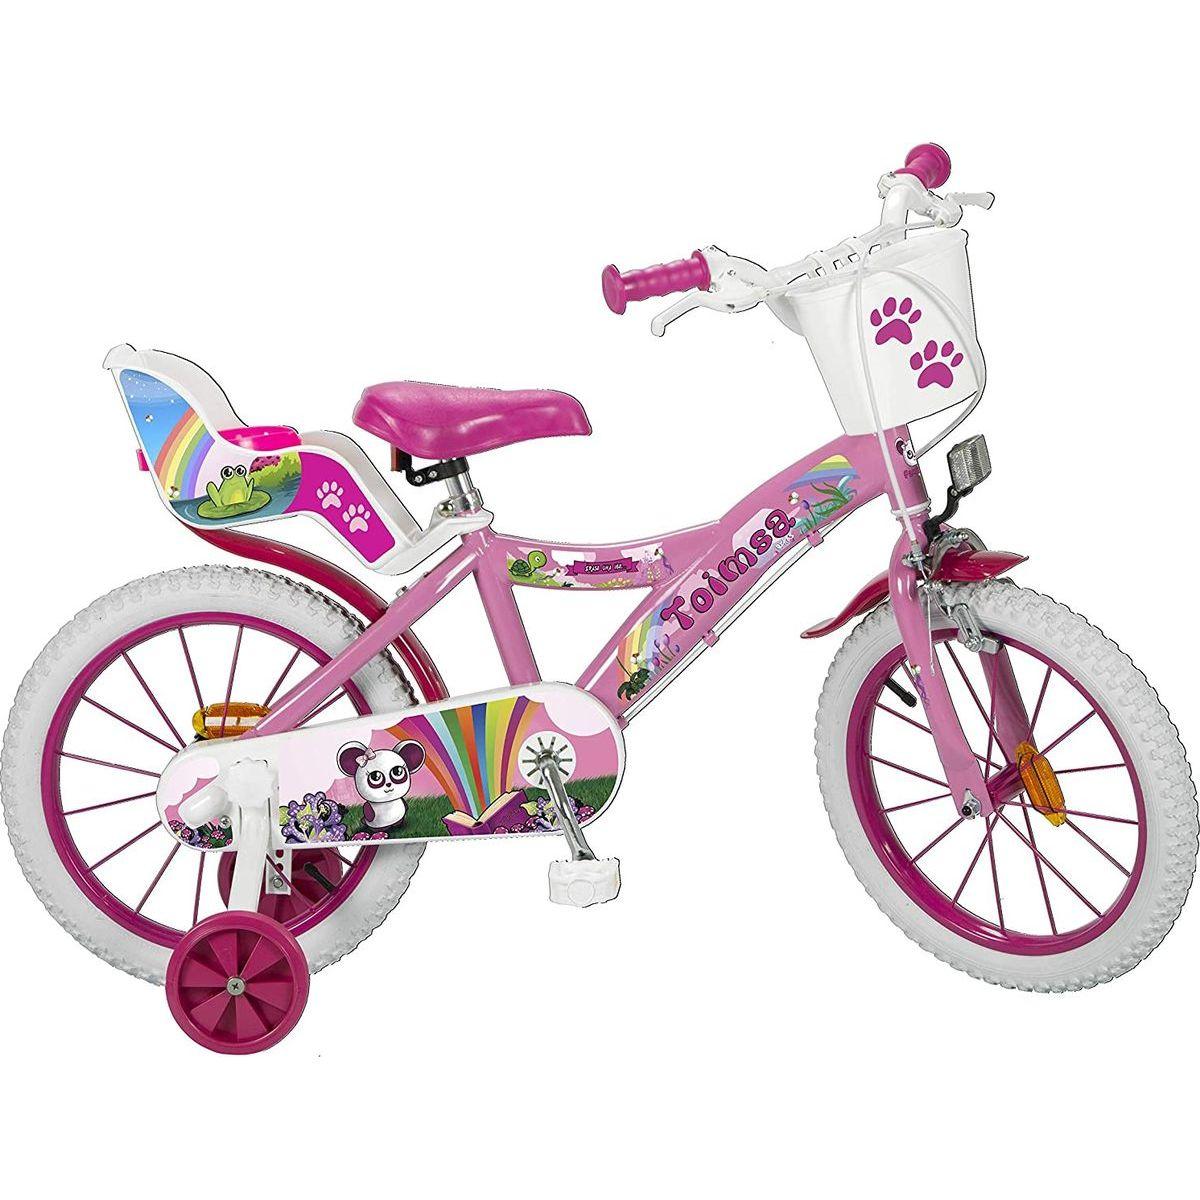 Toimsu Bicykel detské Fantasy ružovobiele 16